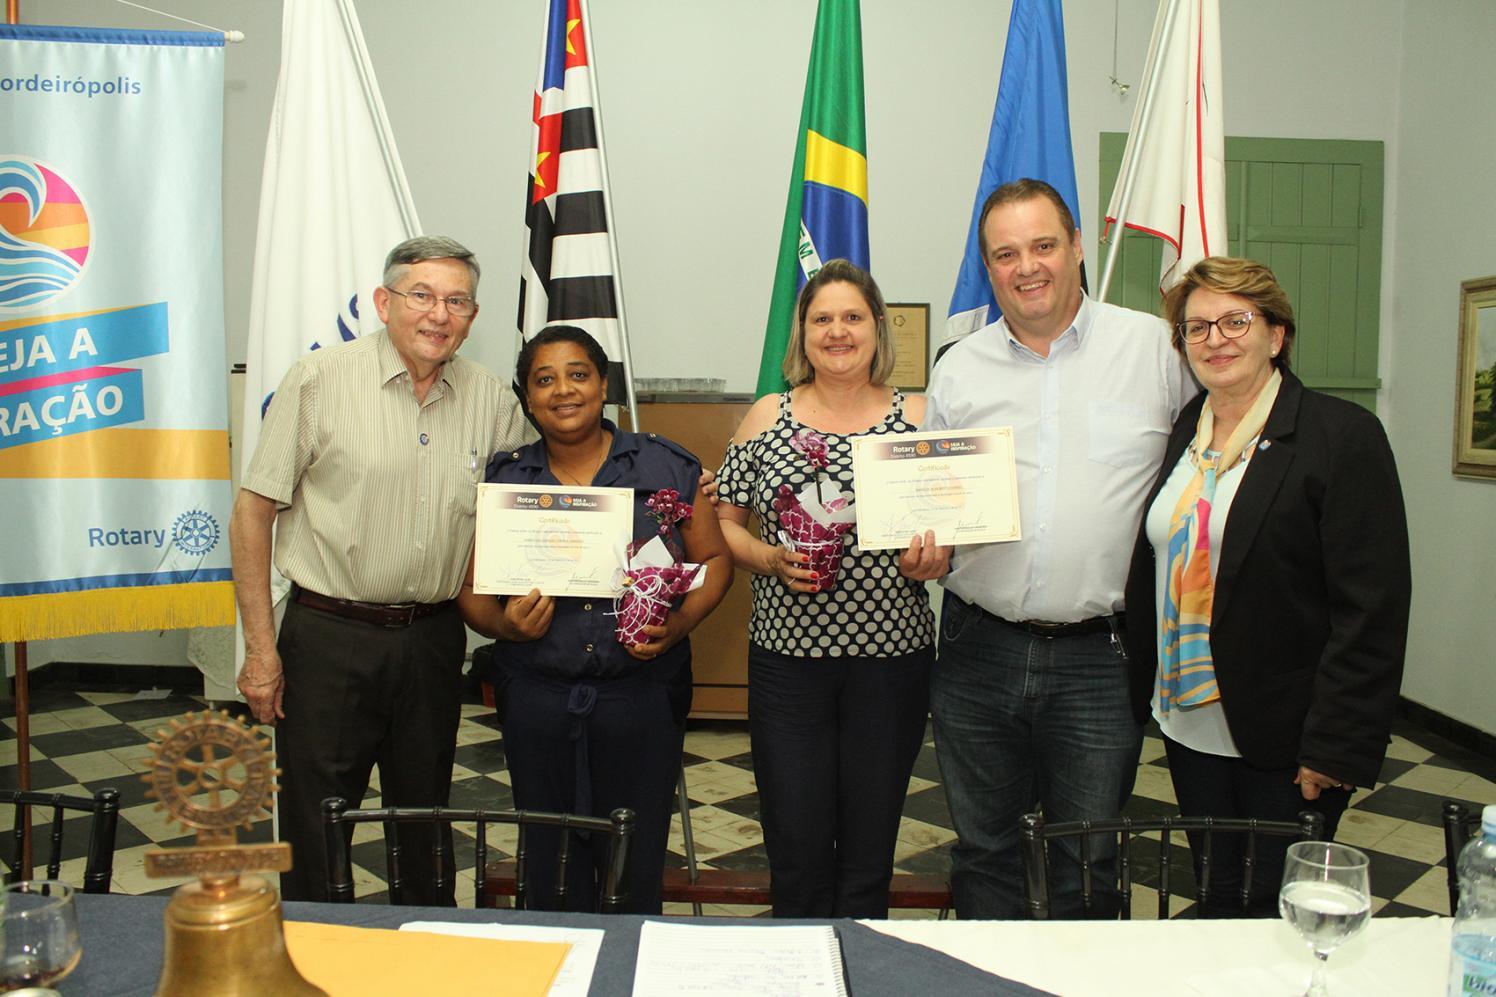 Rotary Club de Cordeirópolis realiza reunião festiva e faz doações a entidades